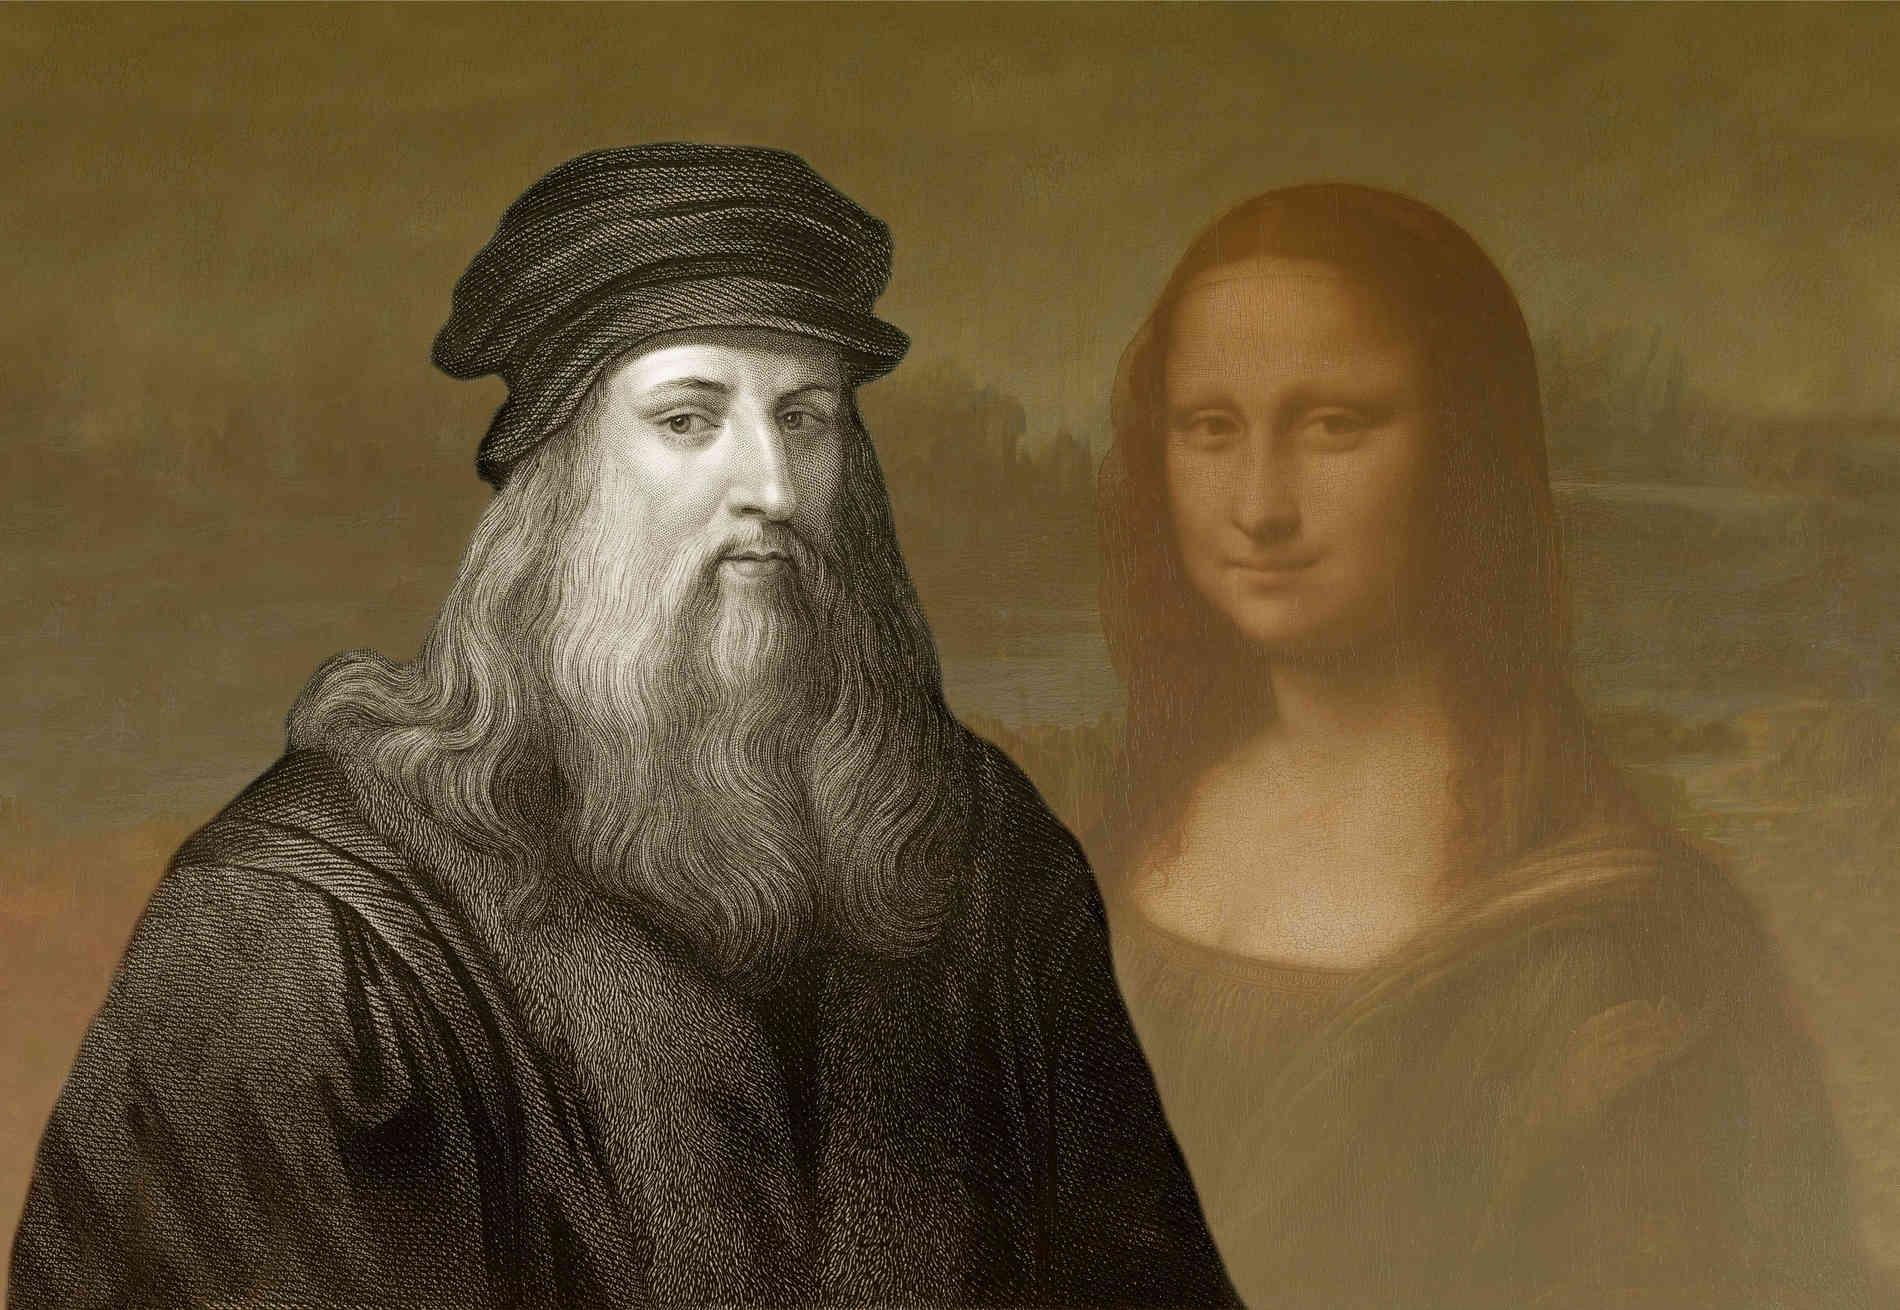 Vor 500 Jahren Gestorben: Das Jahrtausendgenie Leonardo Da Vinci verwandt mit Wann Hat Leonardo Da Vinci Die Mona Lisa Gemalt